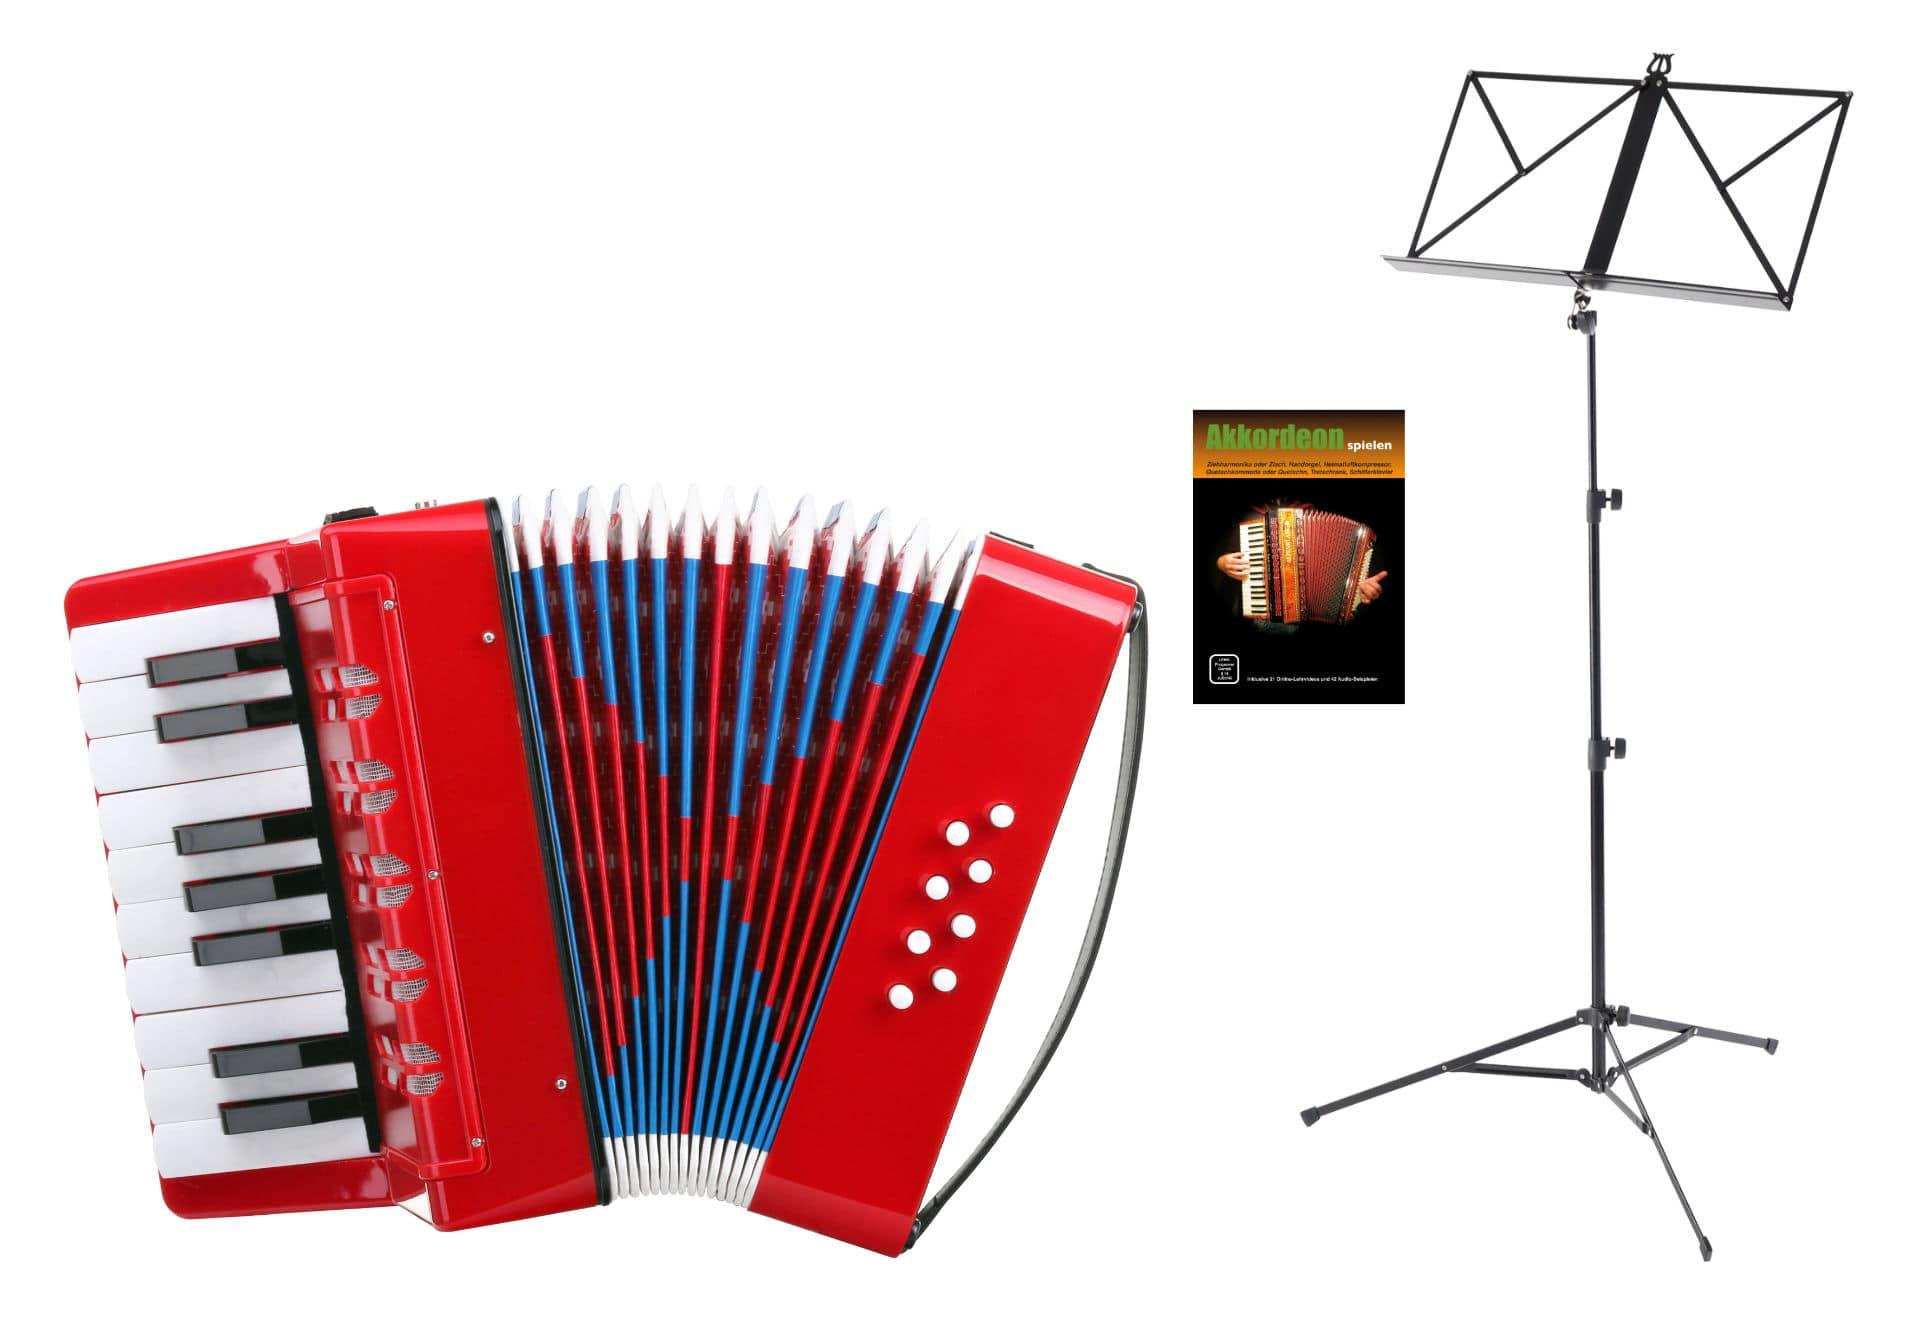 Akkordeons - Classic Cantabile Bambino Kinder Akkordeon Set, Rot, 8 Bässe - Onlineshop Musikhaus Kirstein